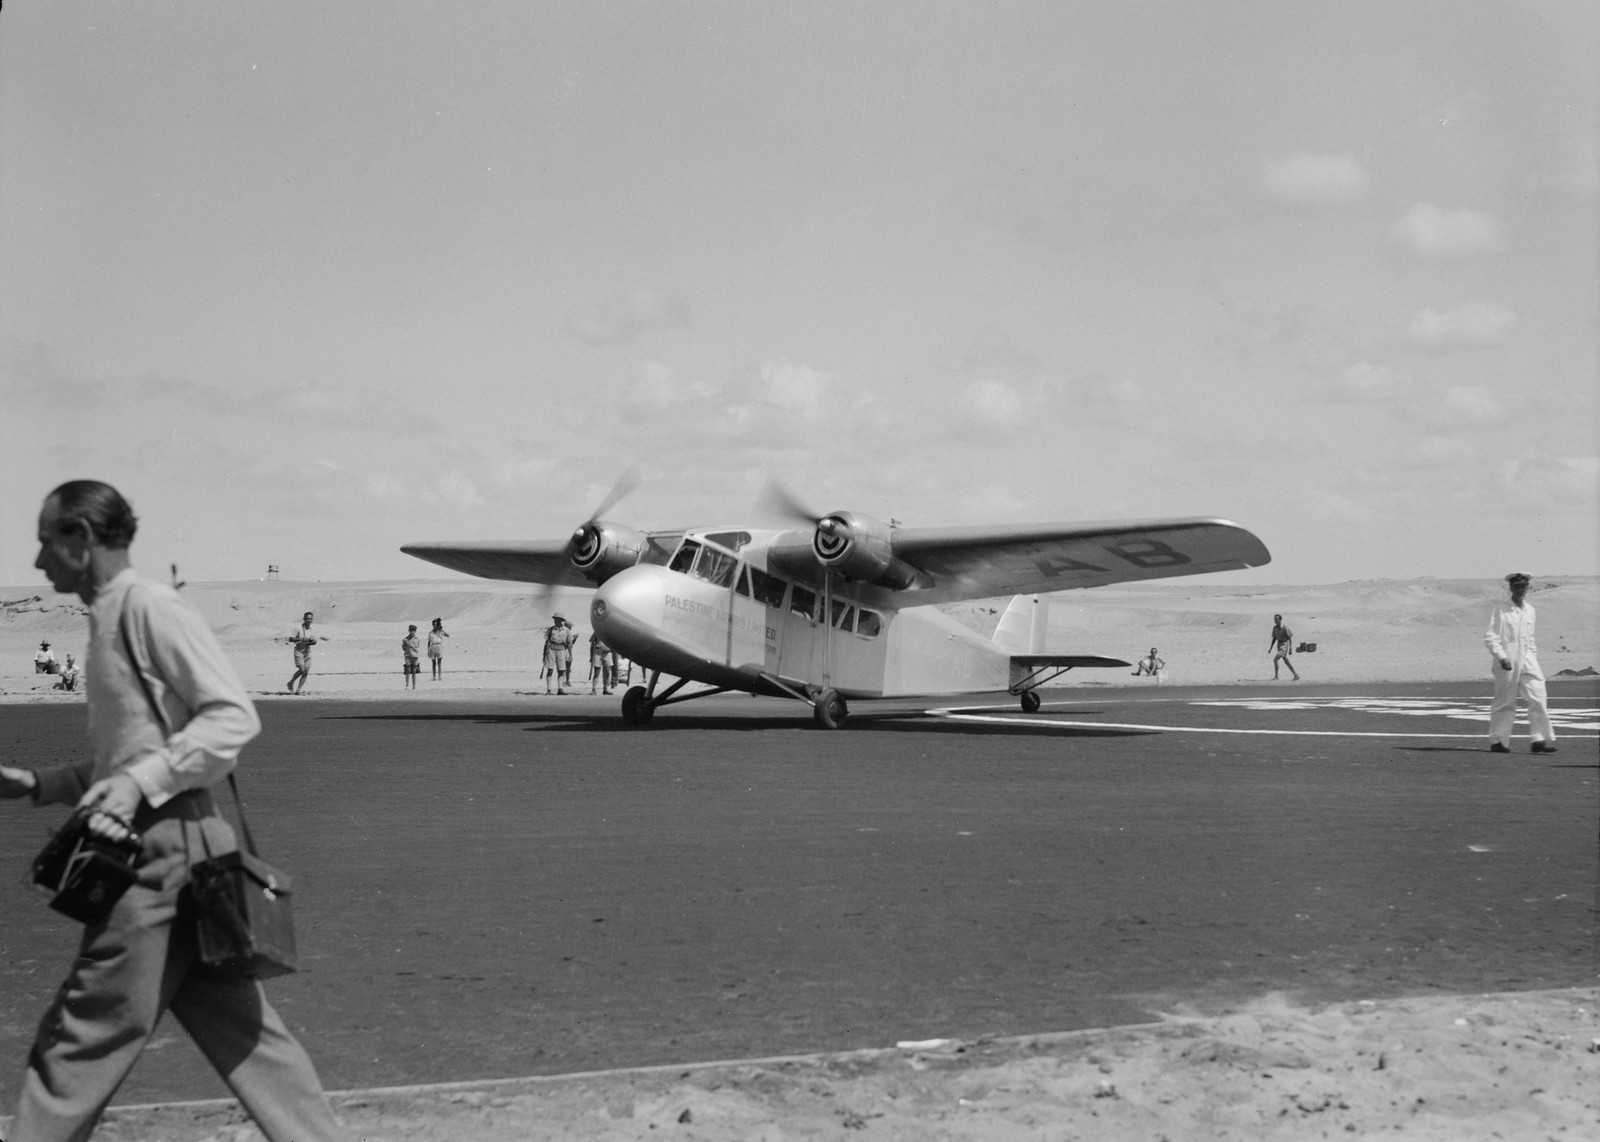 07. Самолет рулит, чтобы занять позицию для взлёта